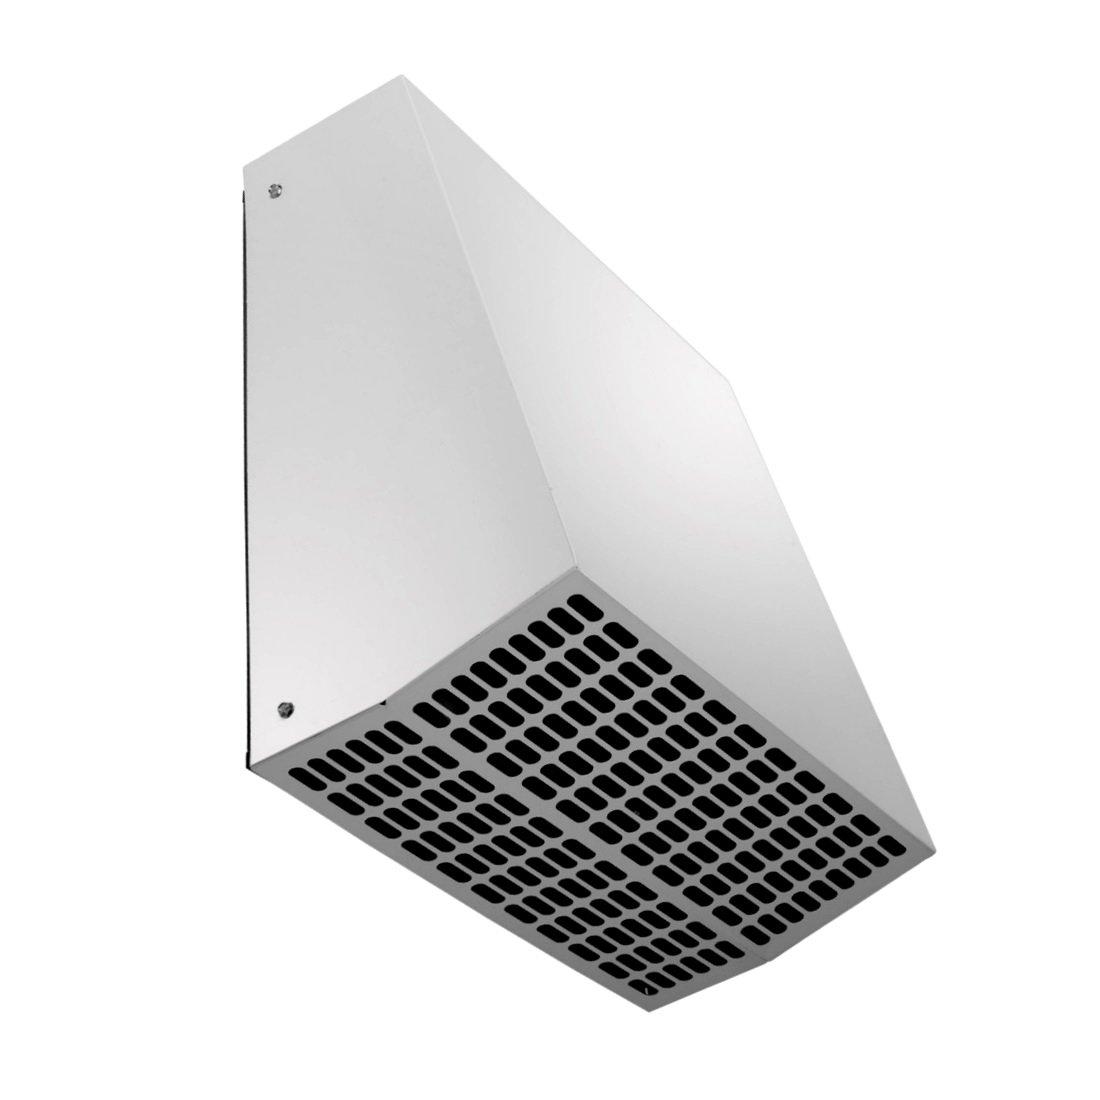 Fantech RVF 10L Exterior Wall Mount, 10'' Centrifugal Duct Fan, 1,025 CFM